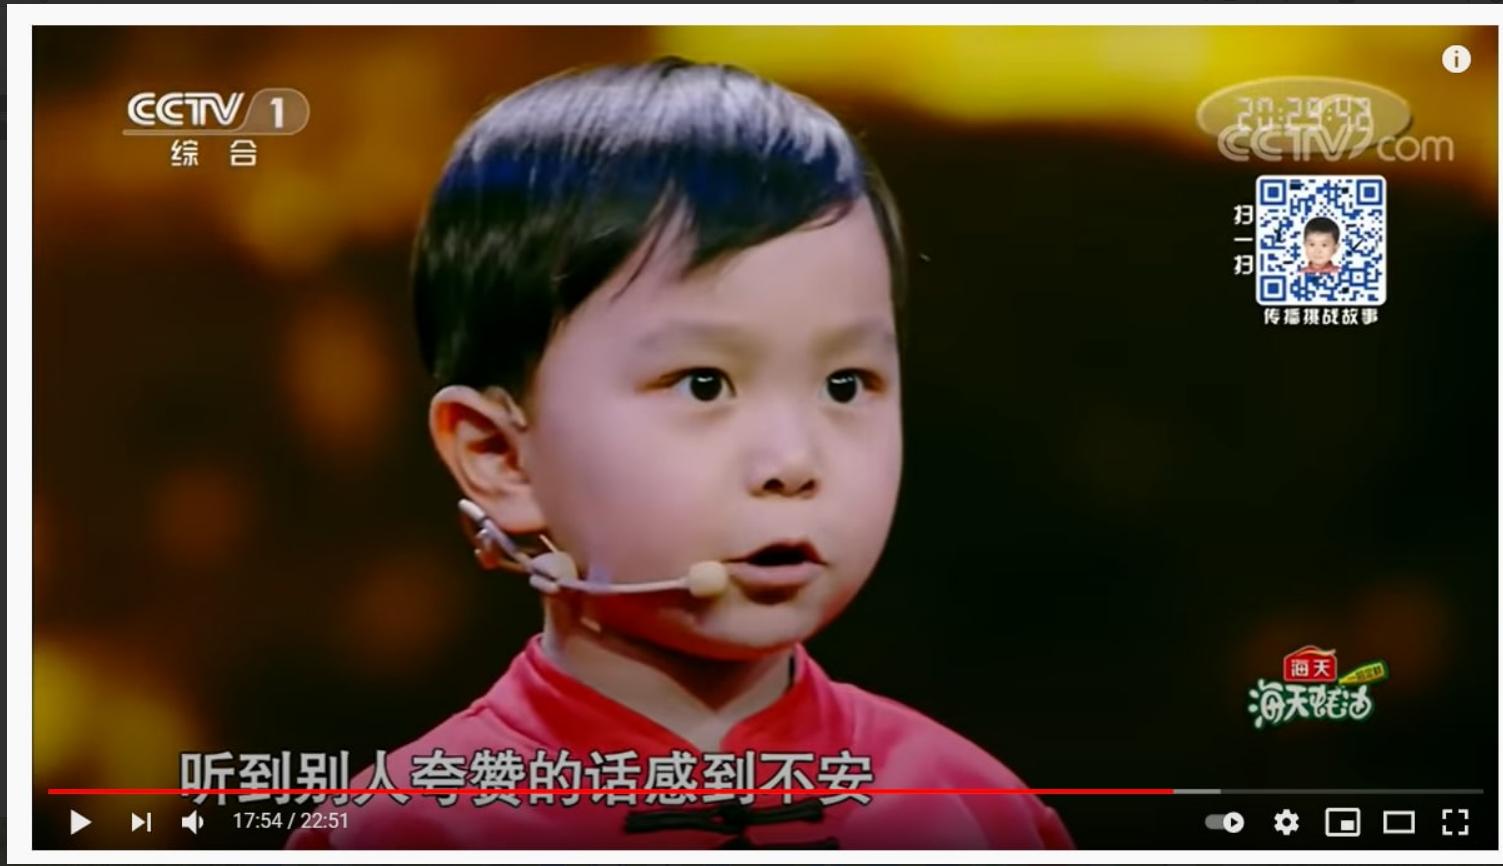 小詩童王恆屹,三歲時已經開始參加各種關於古詩詞的比賽,今年六歲的他,已識3千多字,背580多首詩。他不僅能背誦詩詞,也知道其內涵。聽到別人誇讚的話他會感到不安,圖為詩童王恆屹。(影片截圖)